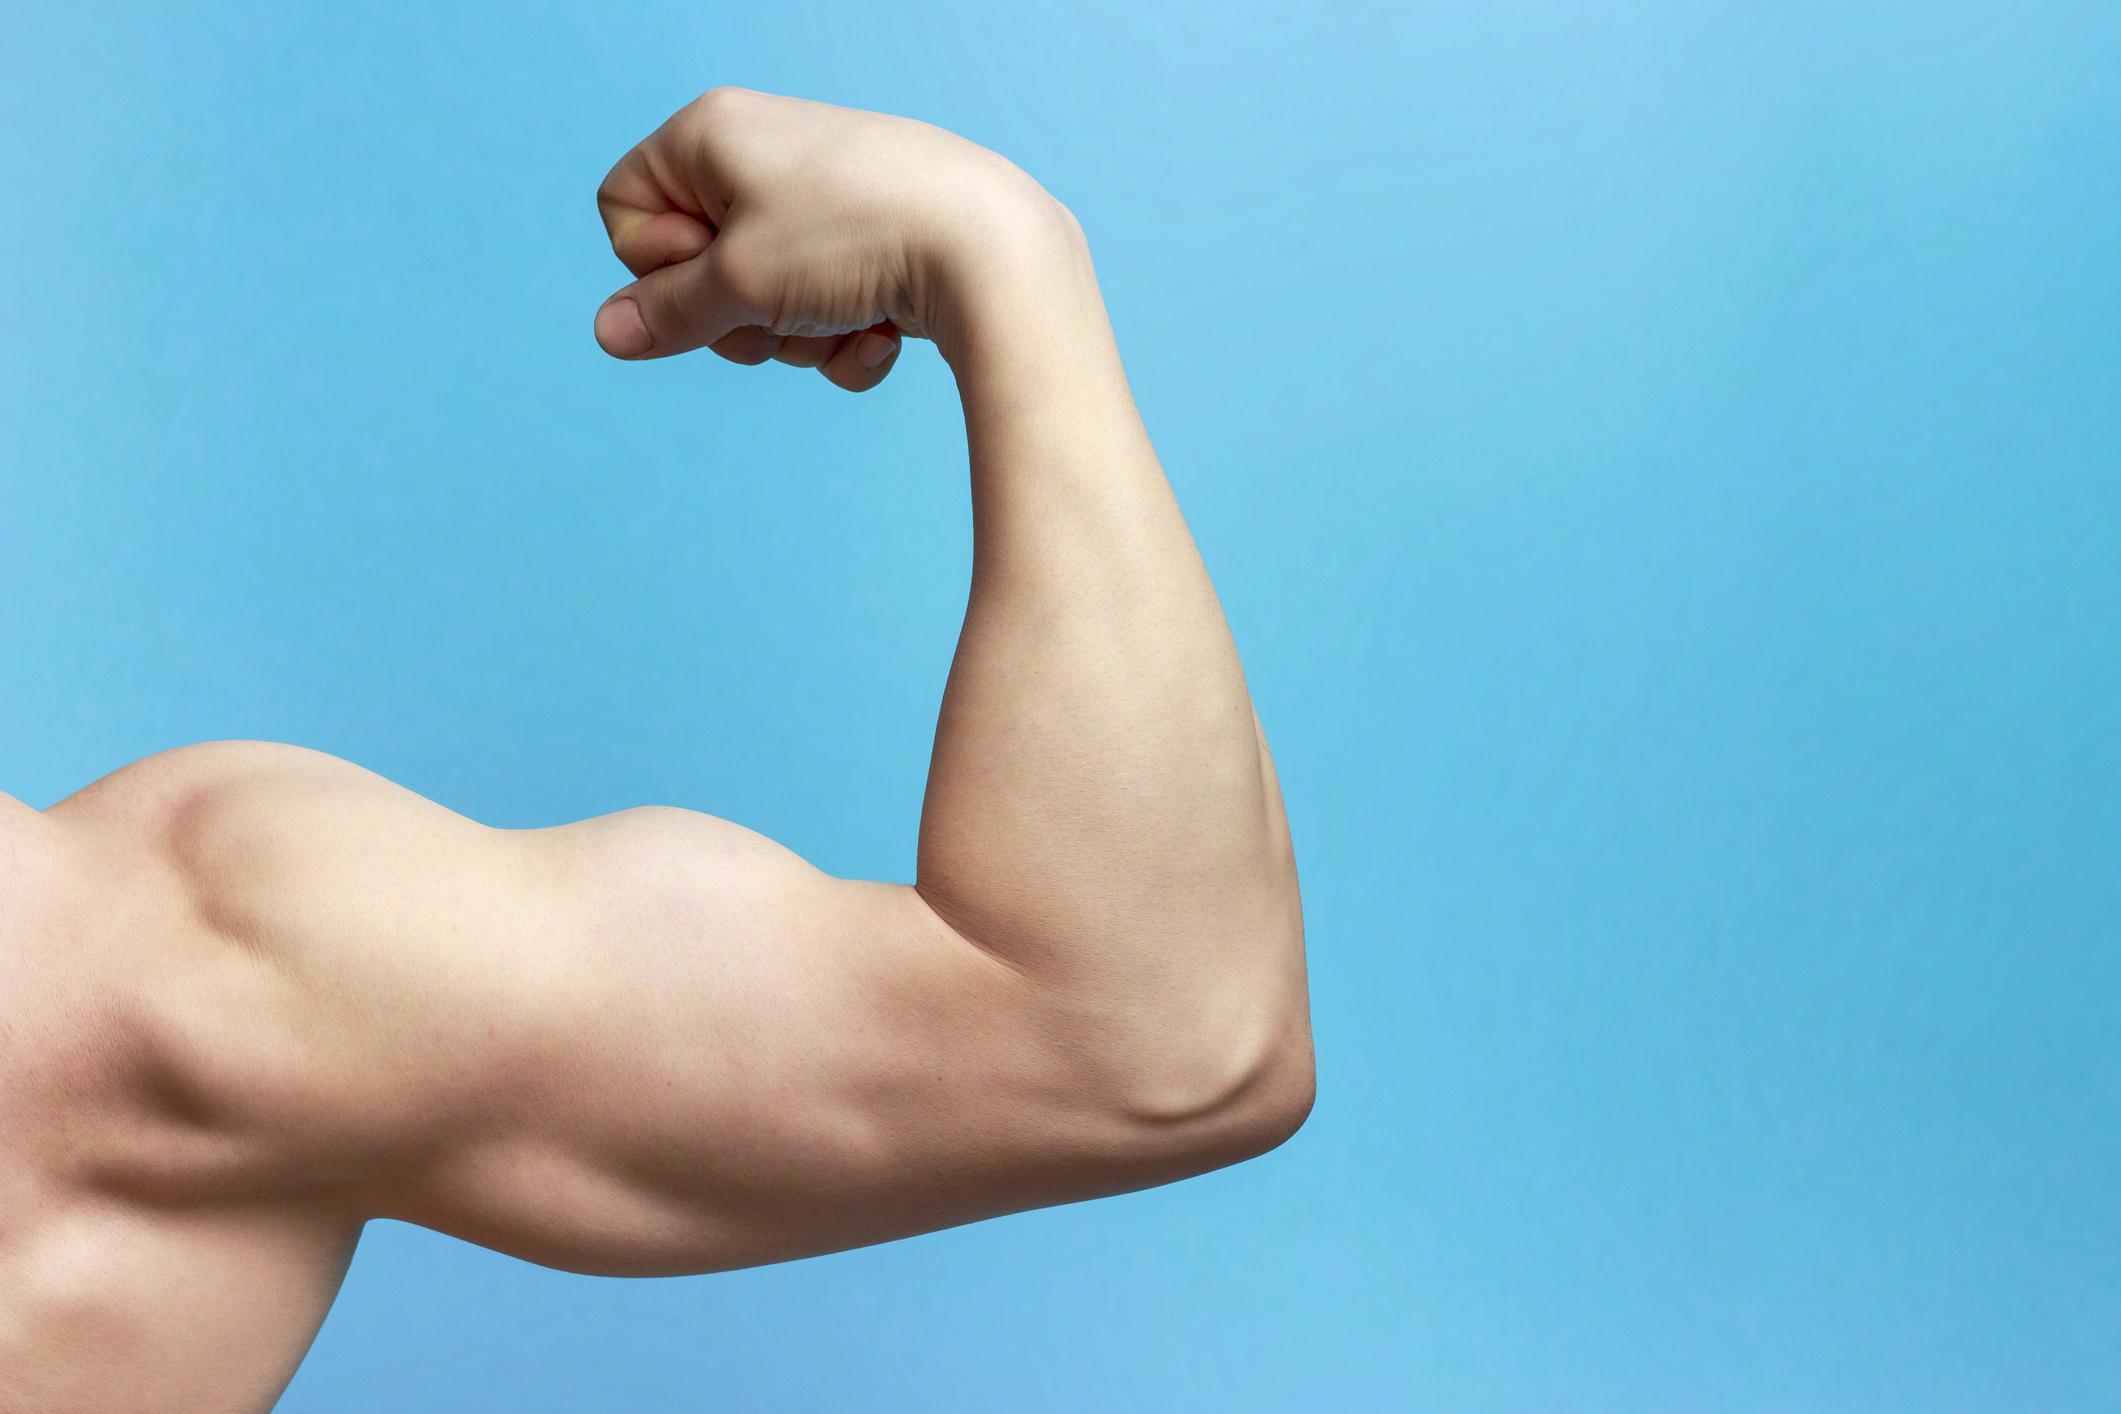 Les hommes avec des niveaux élevés de testostérone seraient moins généreux